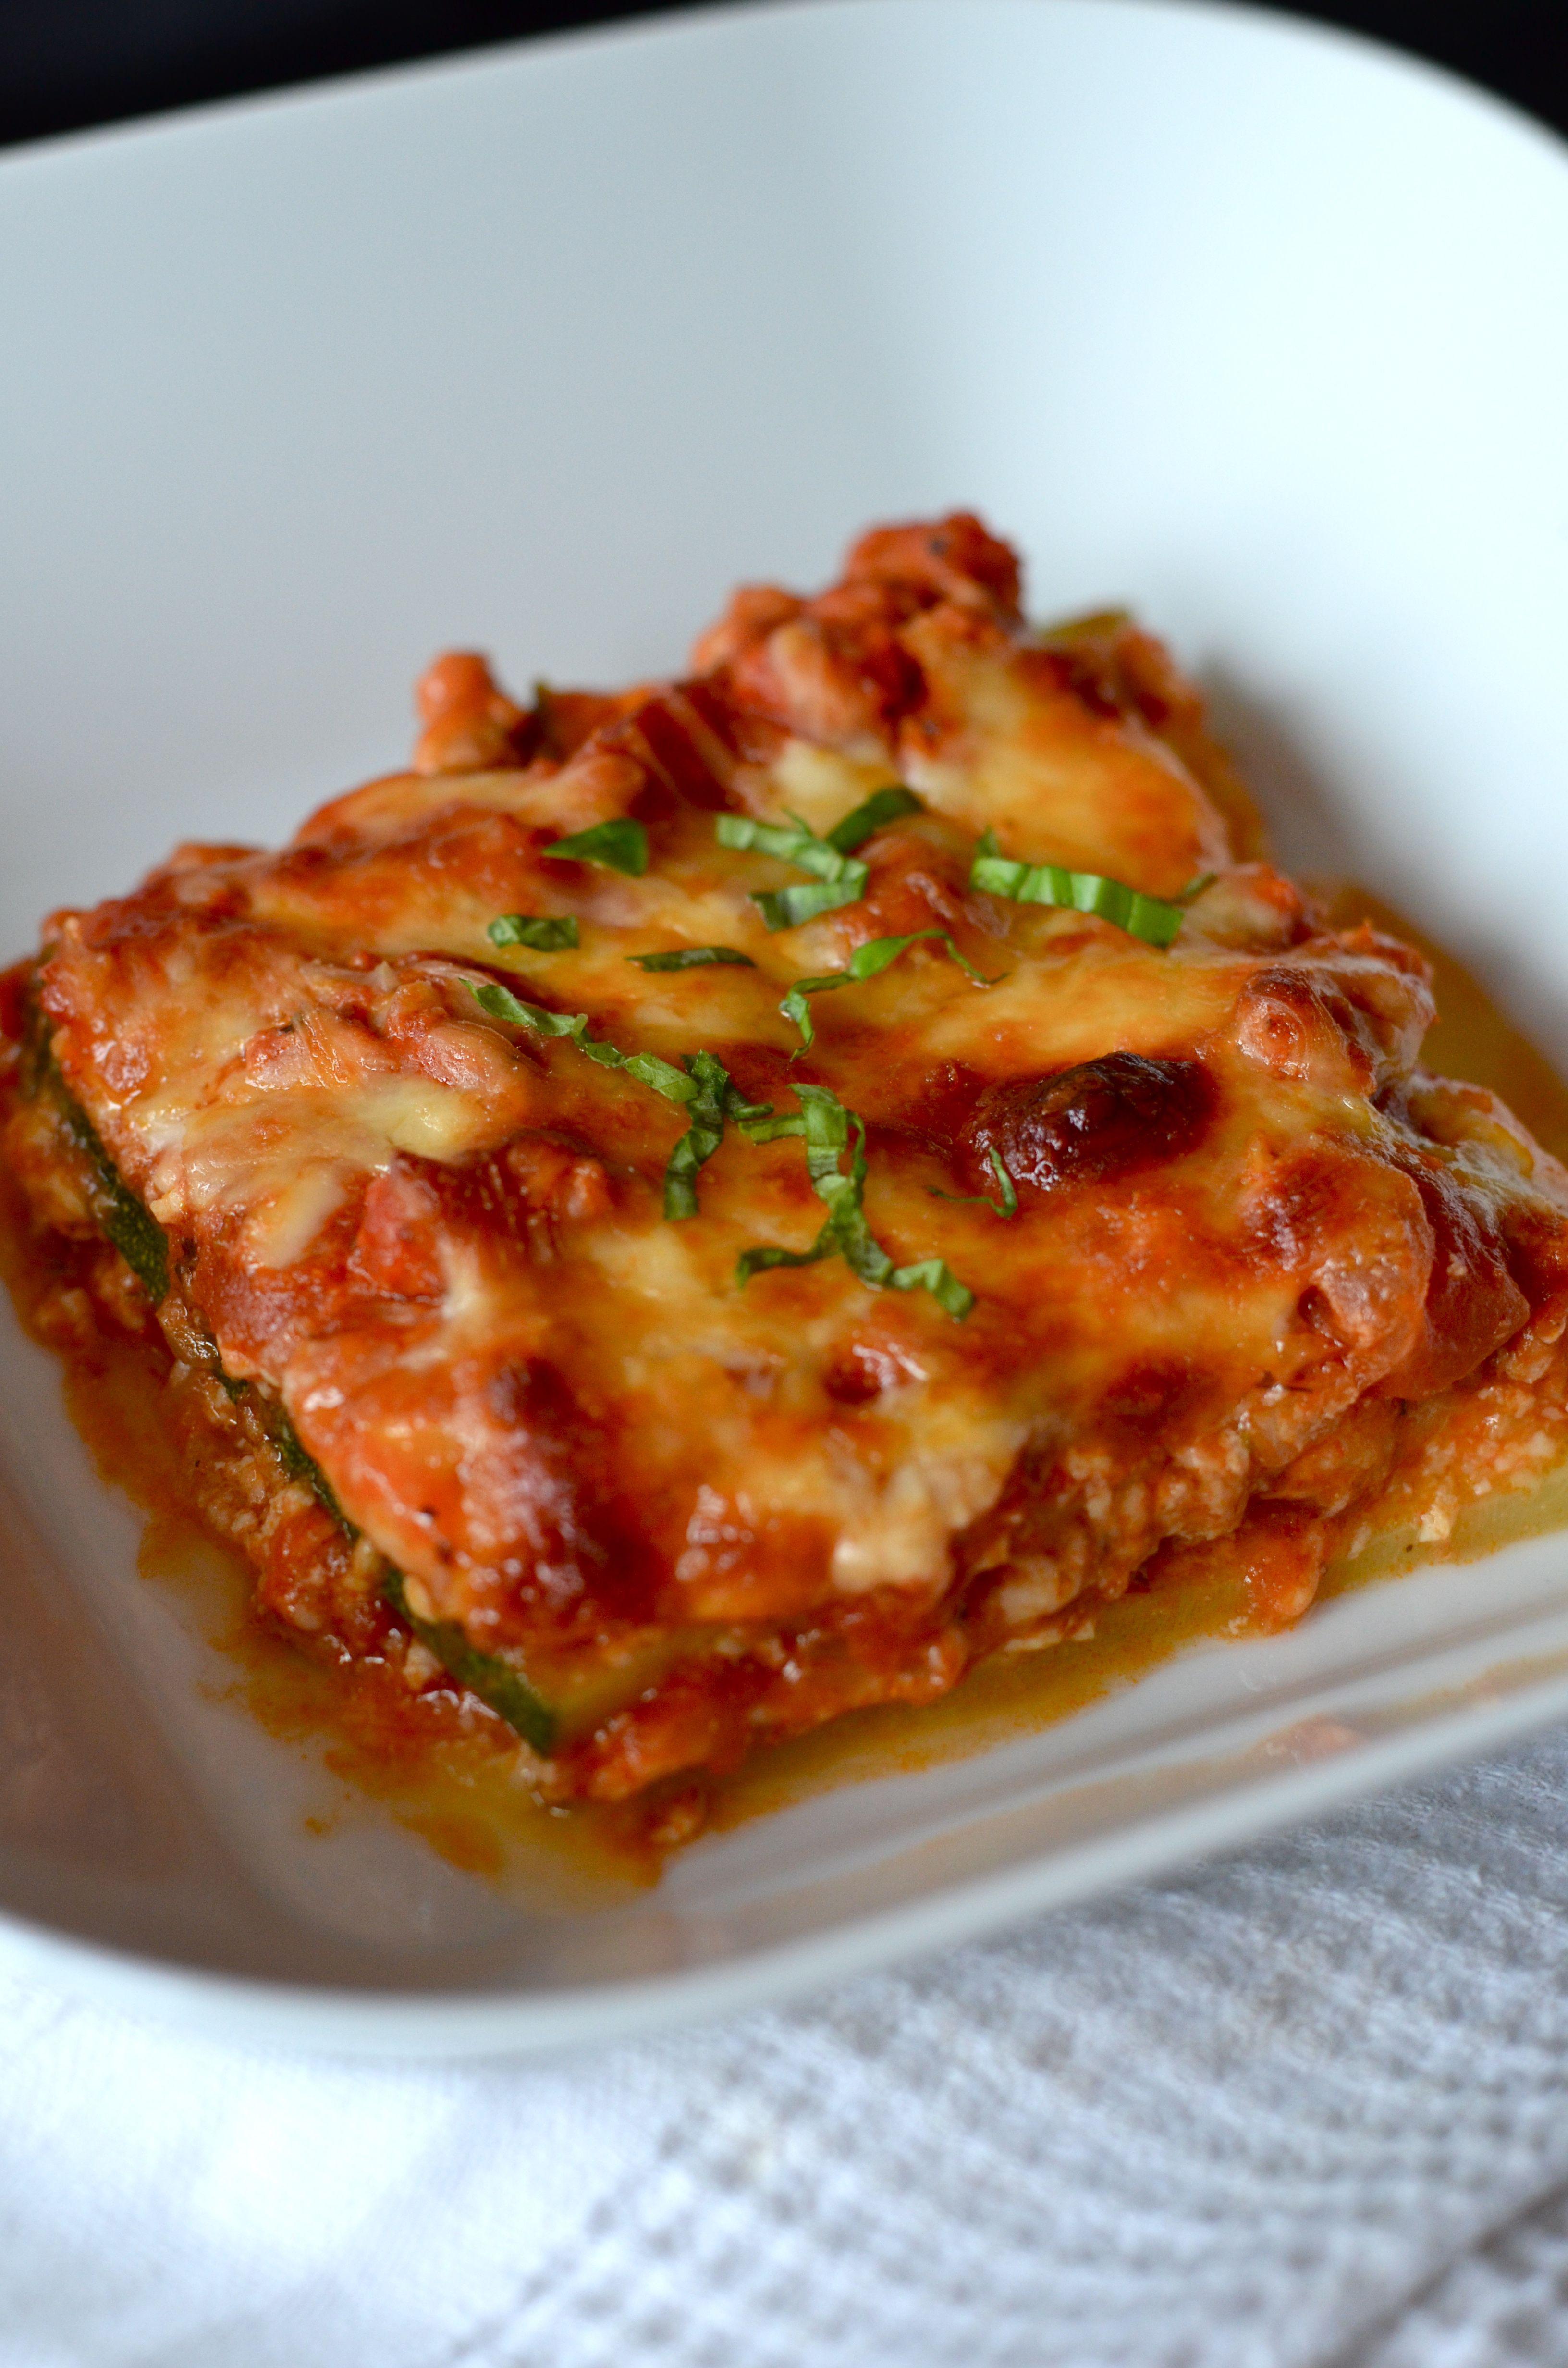 Zucchini Lasagna (no noodle) Lasagna, Zucchini lasagna